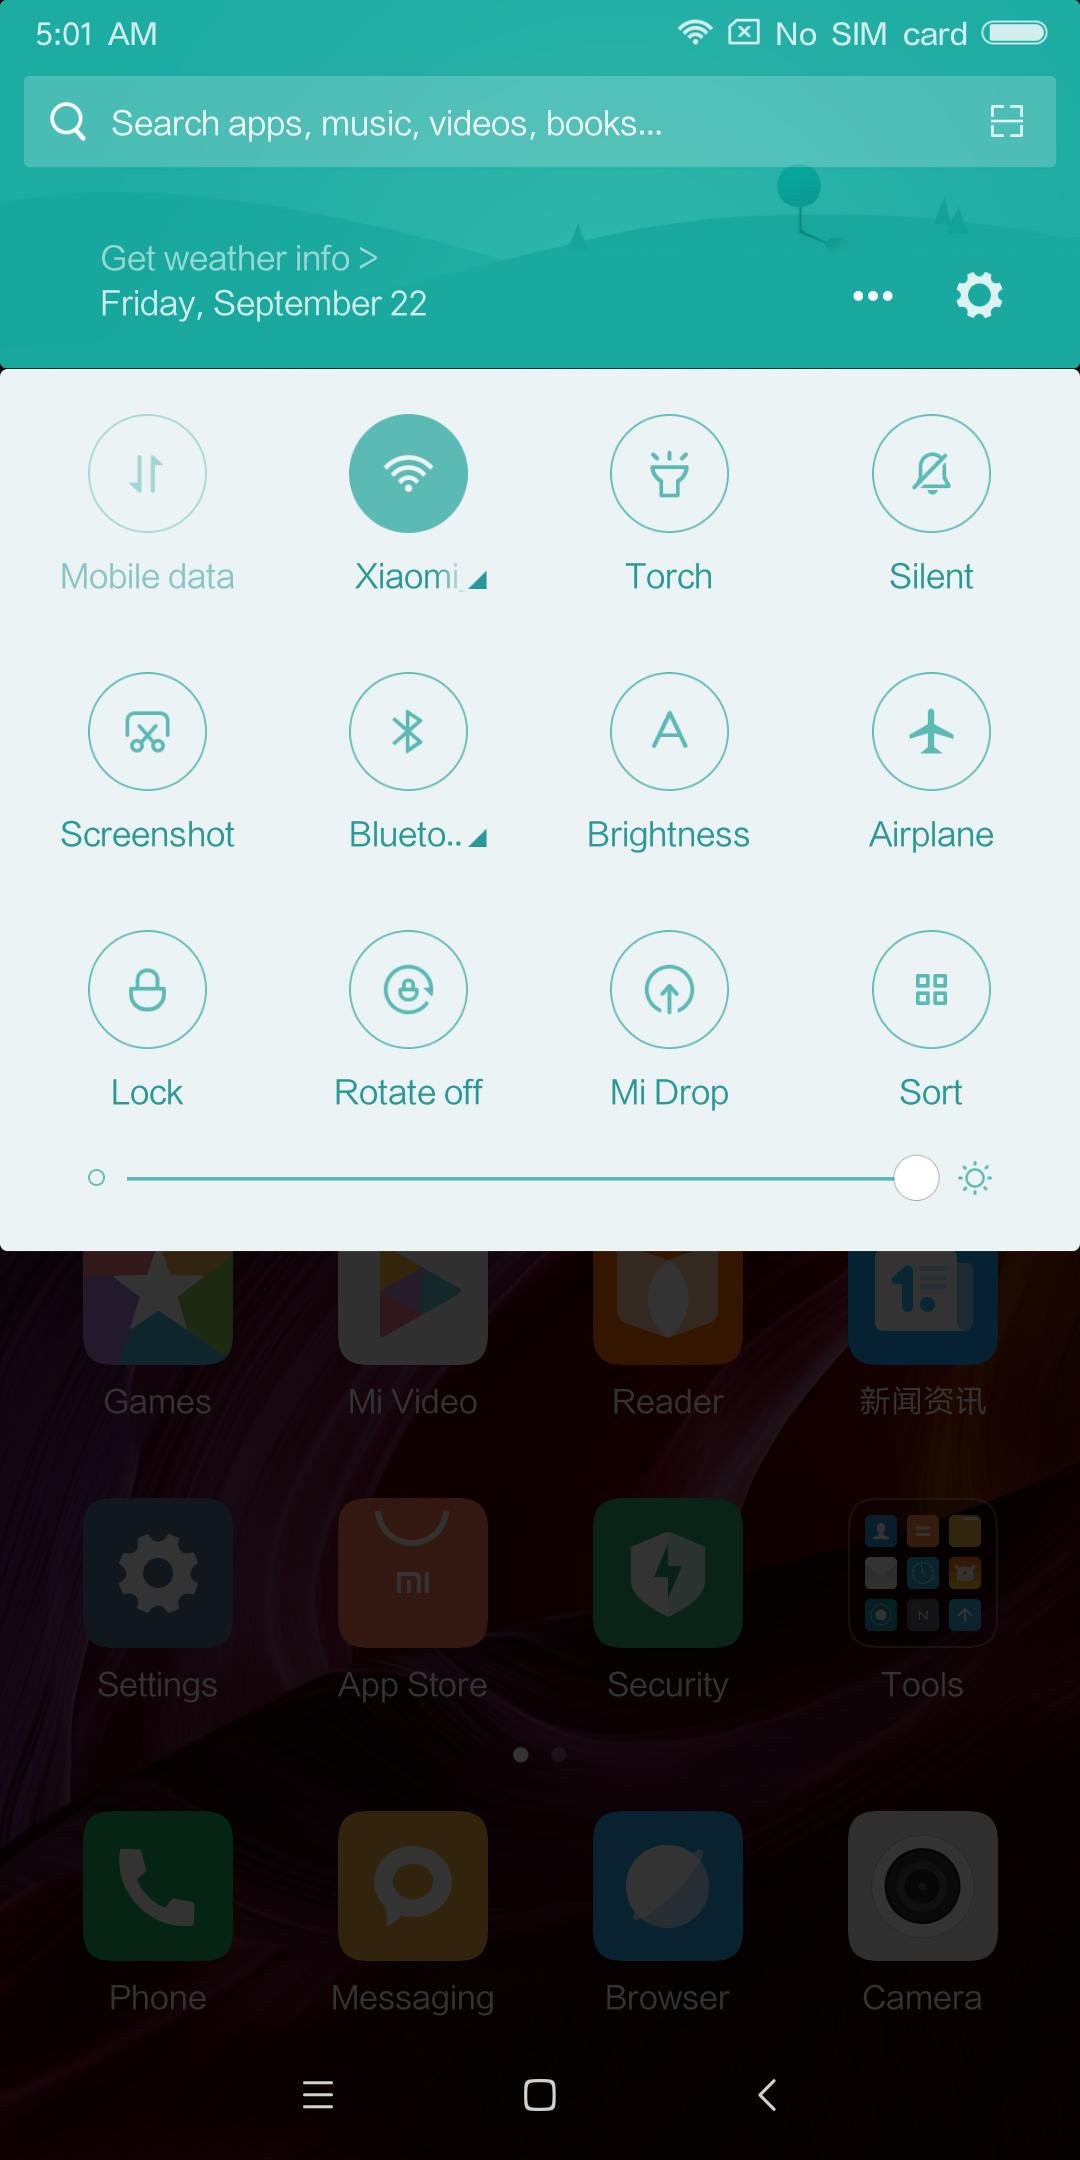 Screenshot 2017 09 22 05 01 16 092 com.miui .home